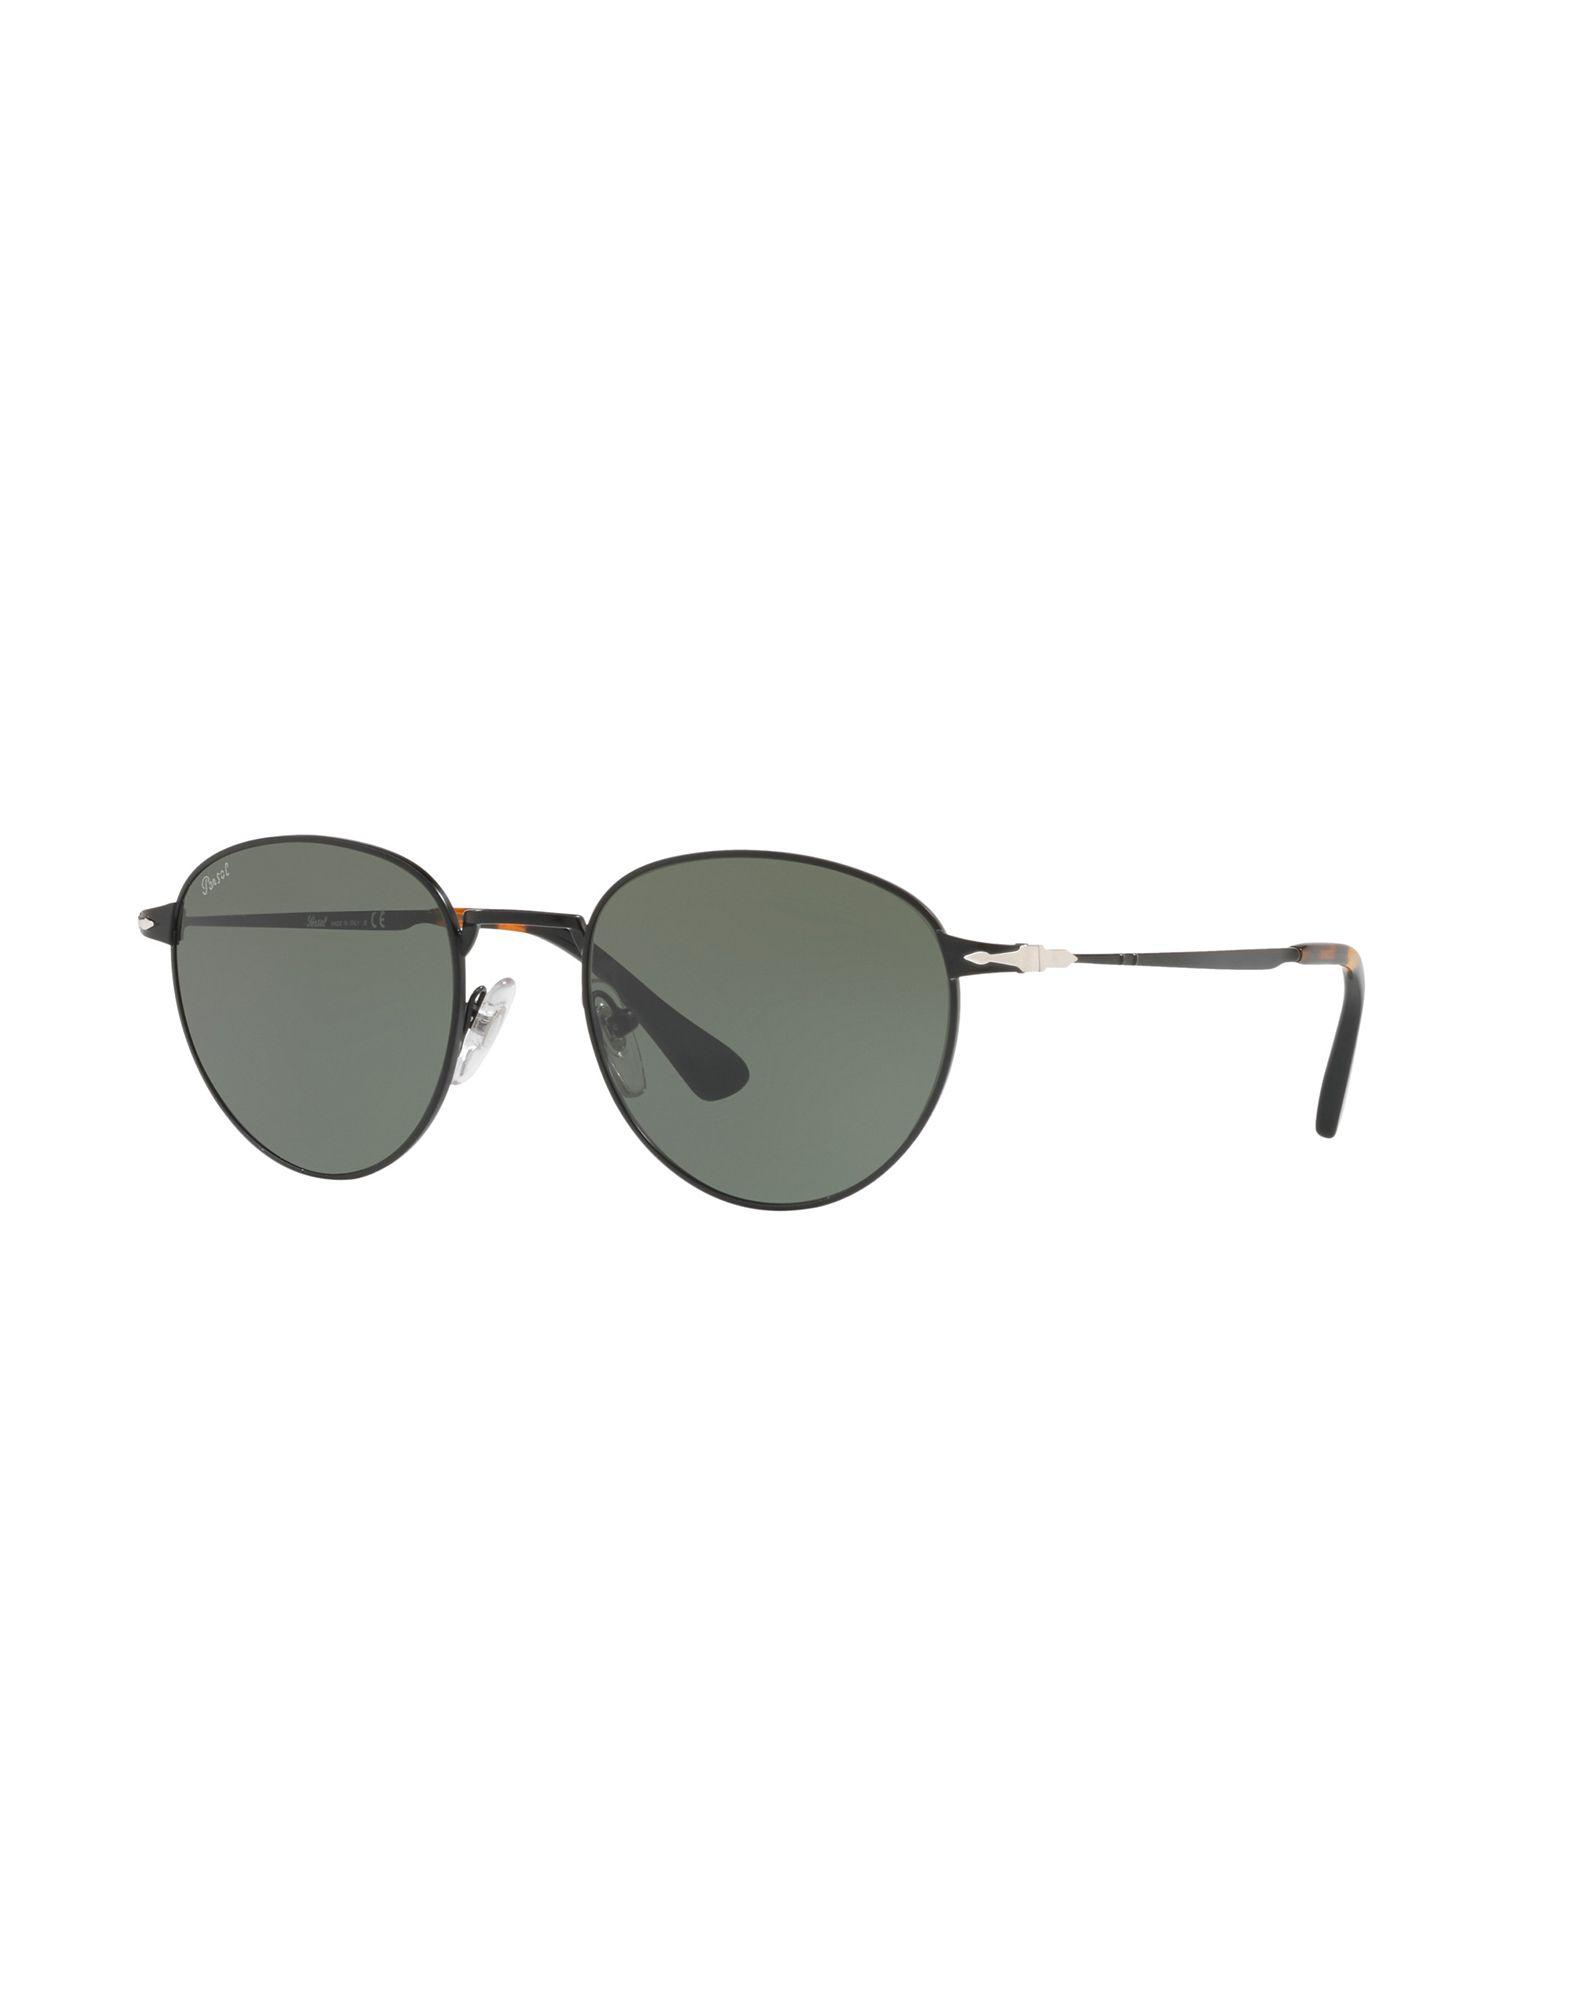 Occhiali Da Sole Persol Po2445s - Uomo - Acquista online su